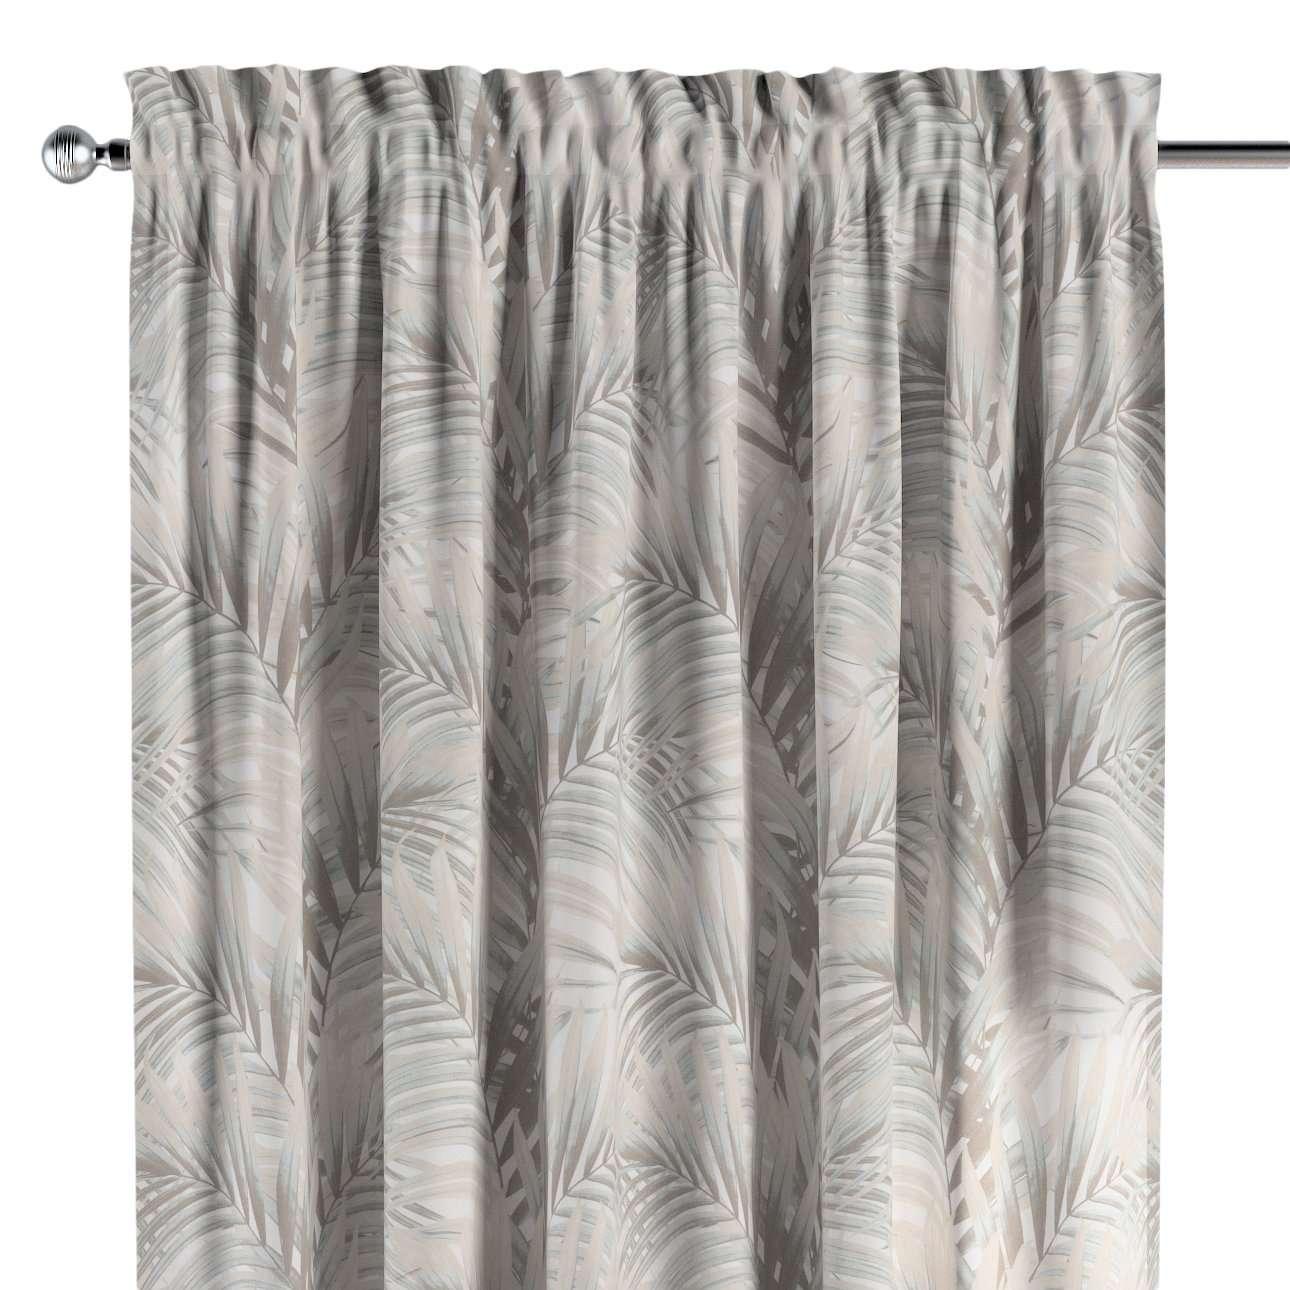 Zasłona na kanale z grzywką 1 szt. w kolekcji Gardenia, tkanina: 142-14